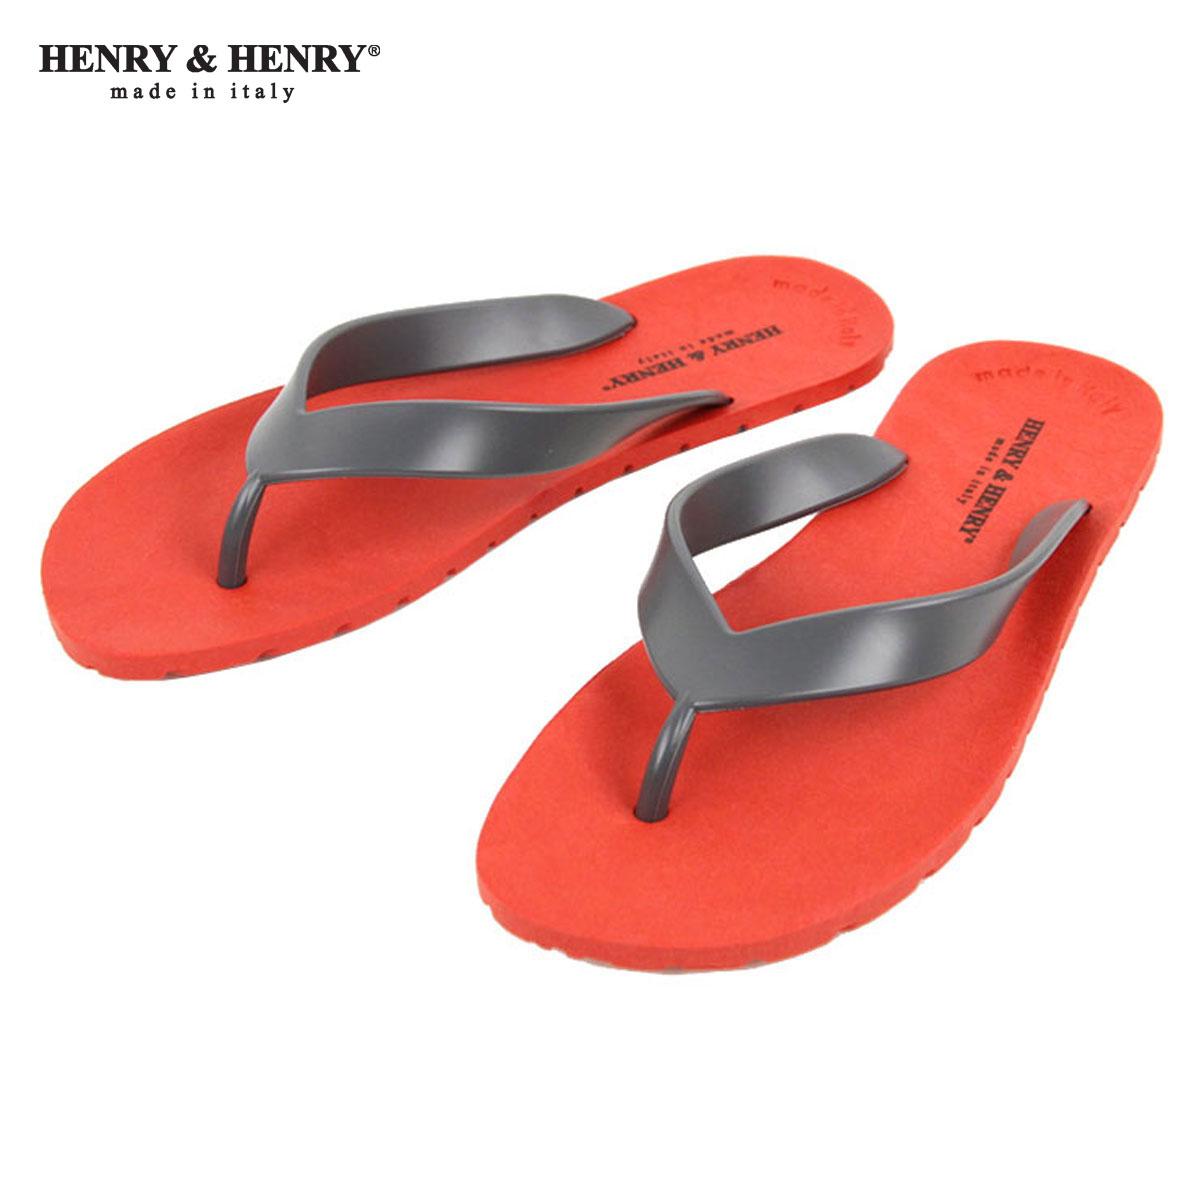 ヘンリーアンドヘンリー HENRY&HENRY 正規販売店 サンダル フリッパー FRIPPER SANDAL RED / ANTHRACITE A66B B3C C4D D3E E11F